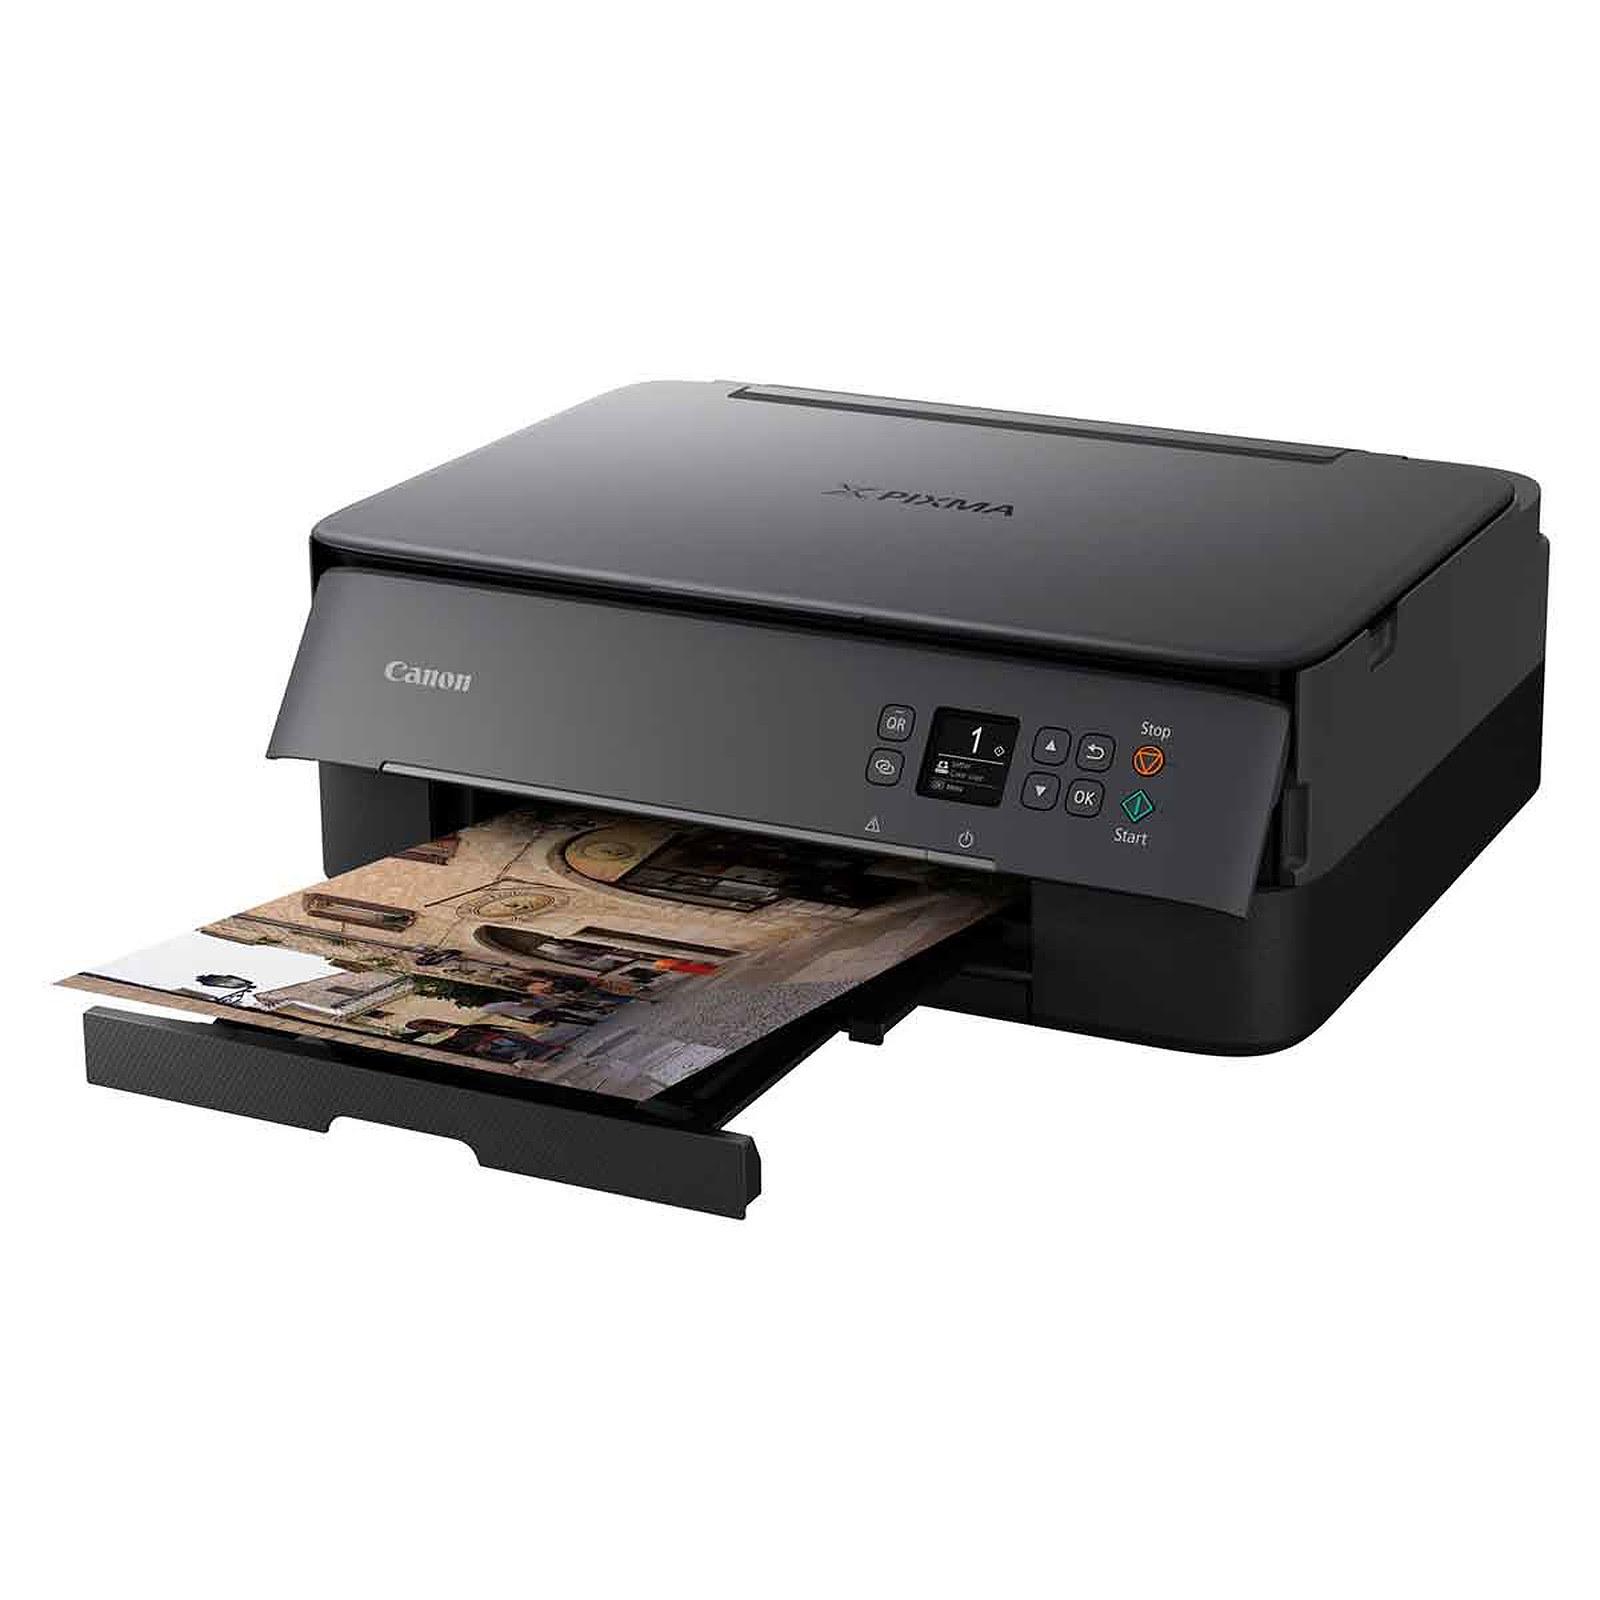 Imprimante multifonction Canon PIXMA TS5350 - Cybertek.fr - 2